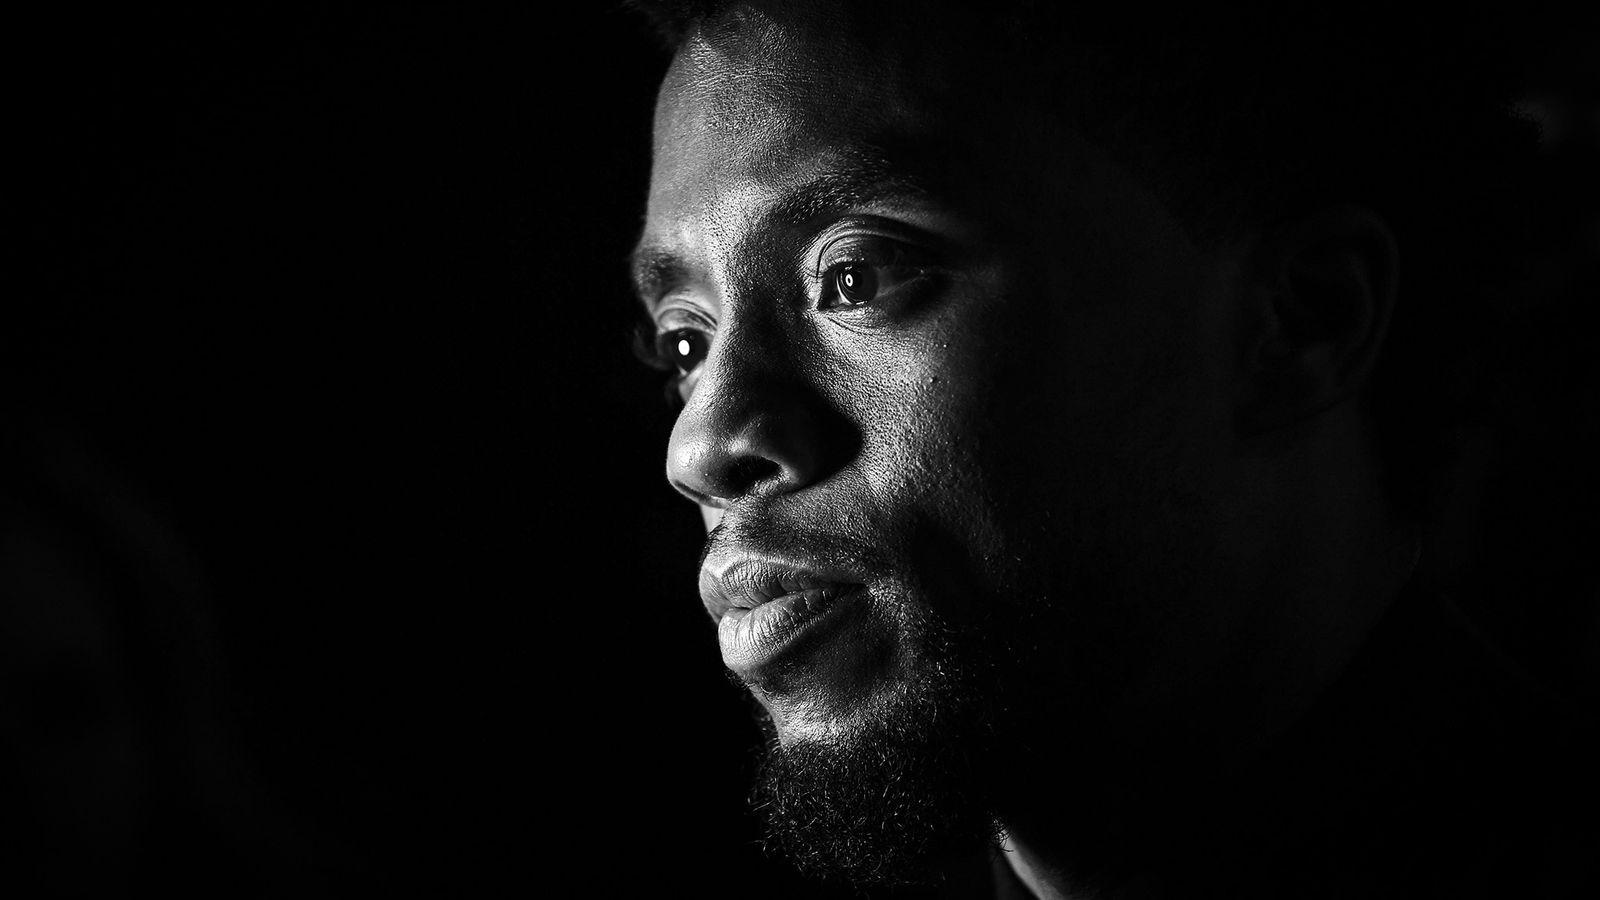 Antes de falecer em agosto, Chadwick Boseman interpretou vários personagens icónicos, incluindo Jackie Robinson, Thurgood Marshall ...